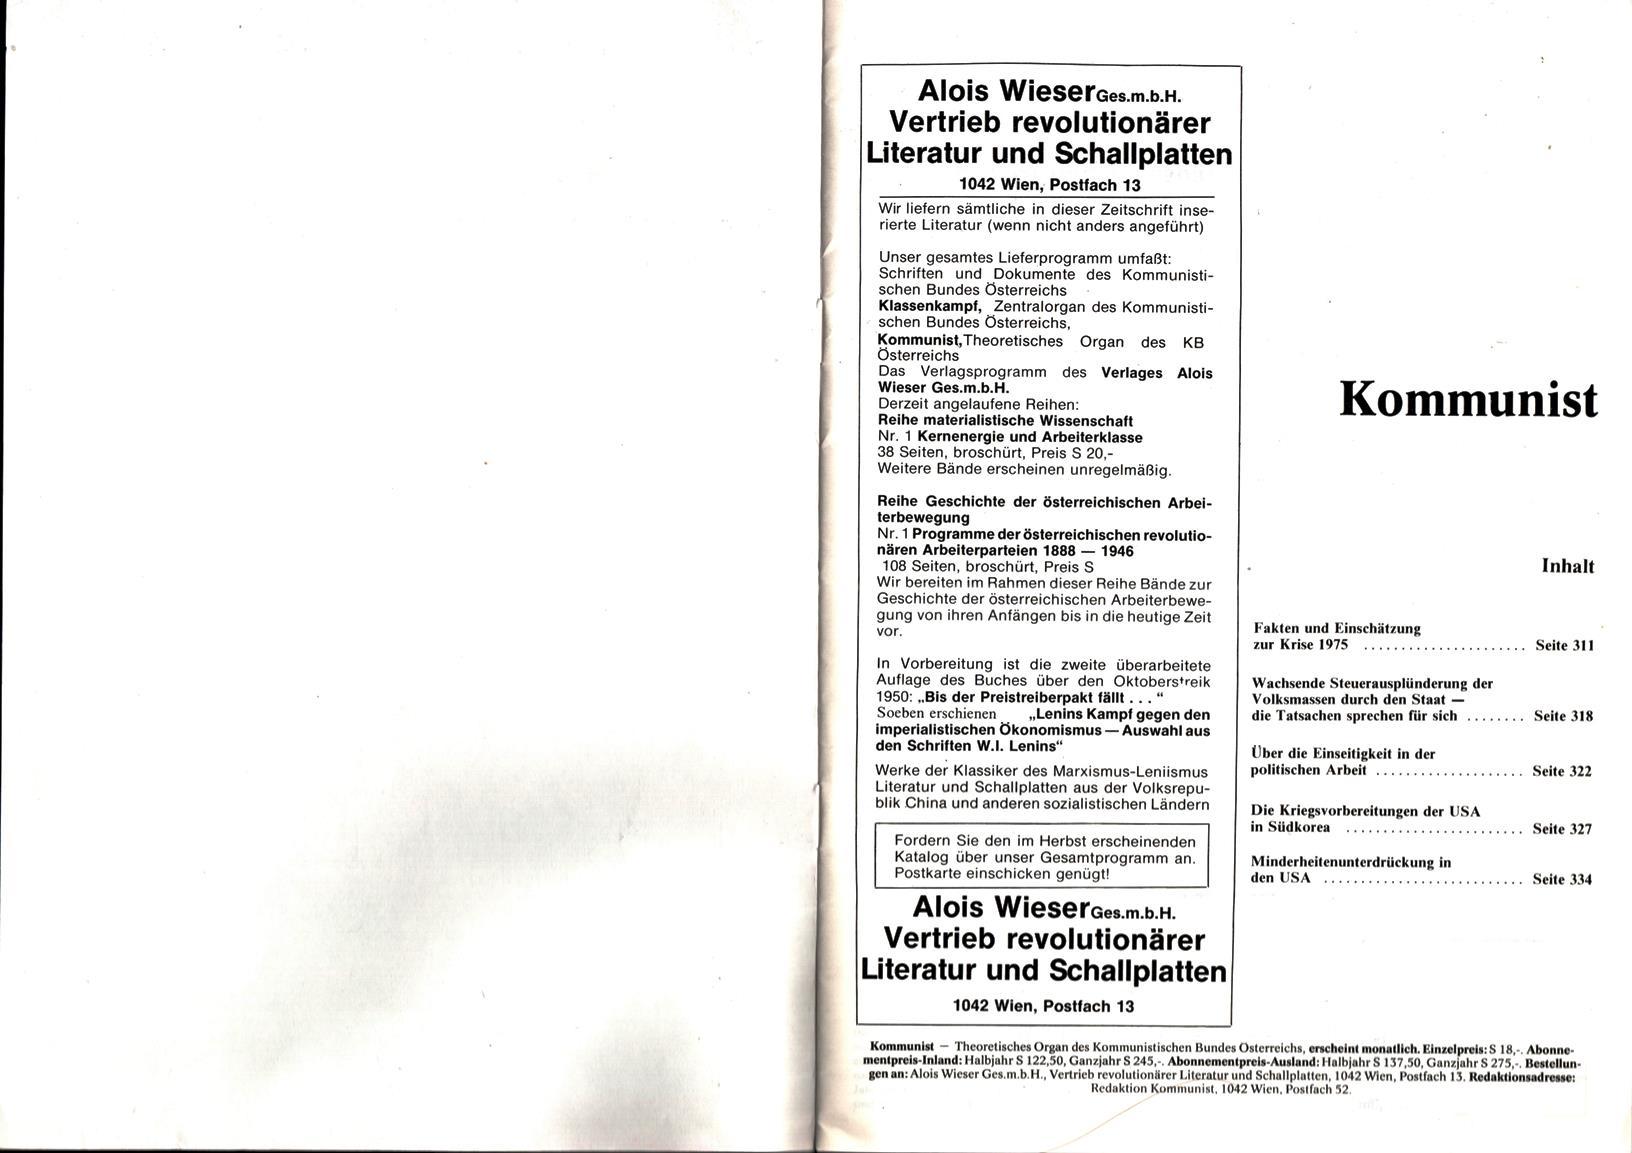 KBOe_TO_Kommunist_19780900_007_002